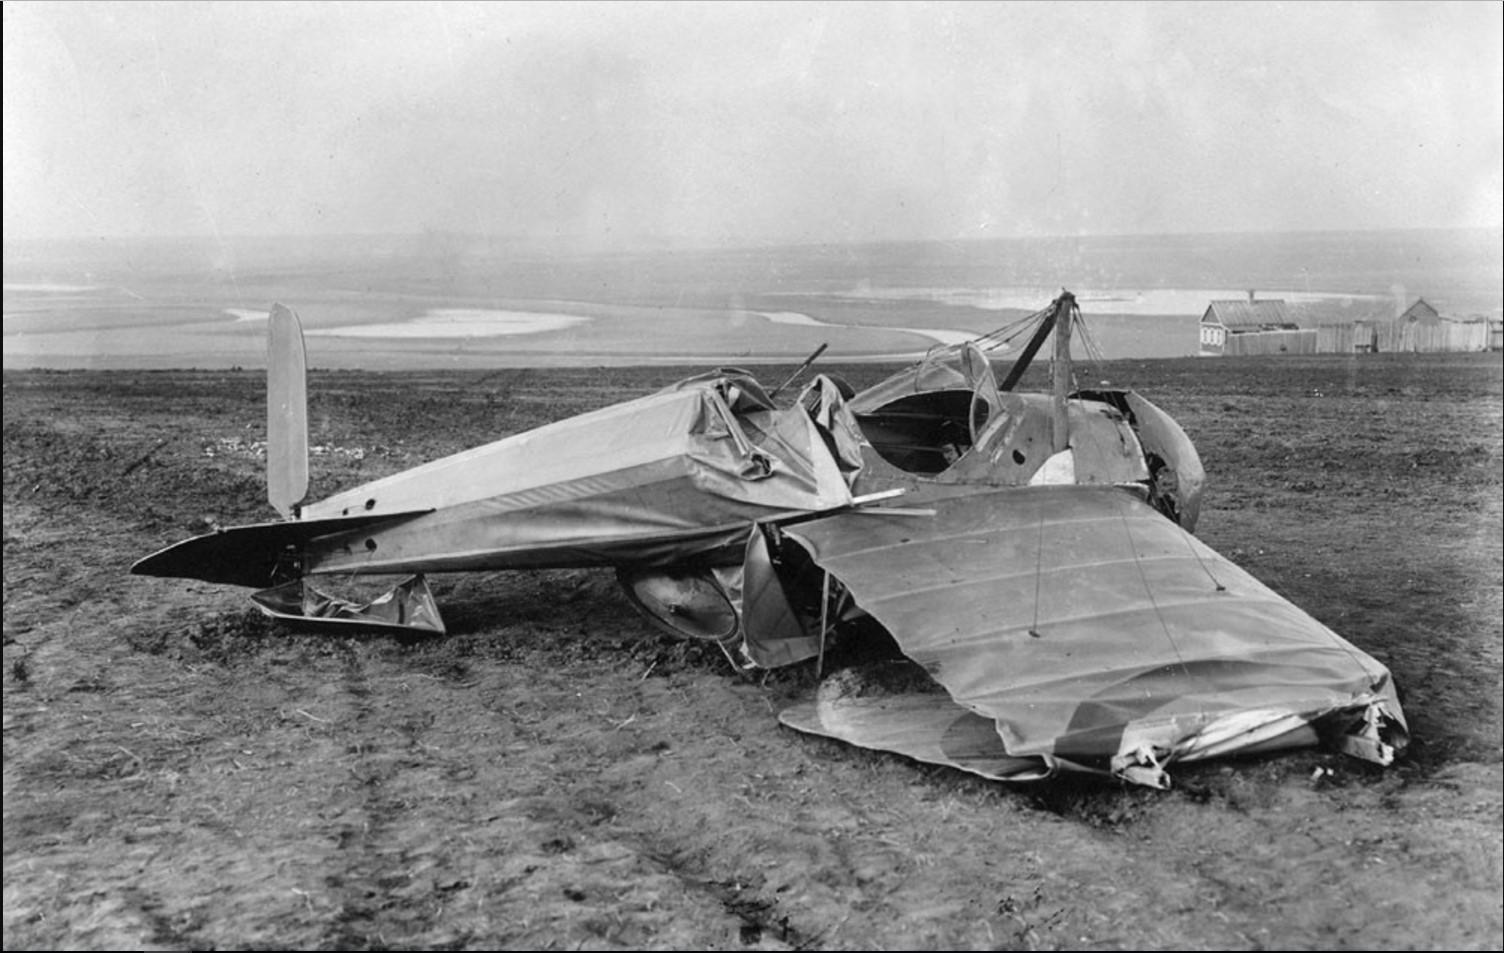 Самолет «Моран», на котором разбился летчик Г. М. Каменев. 2 мая 1919